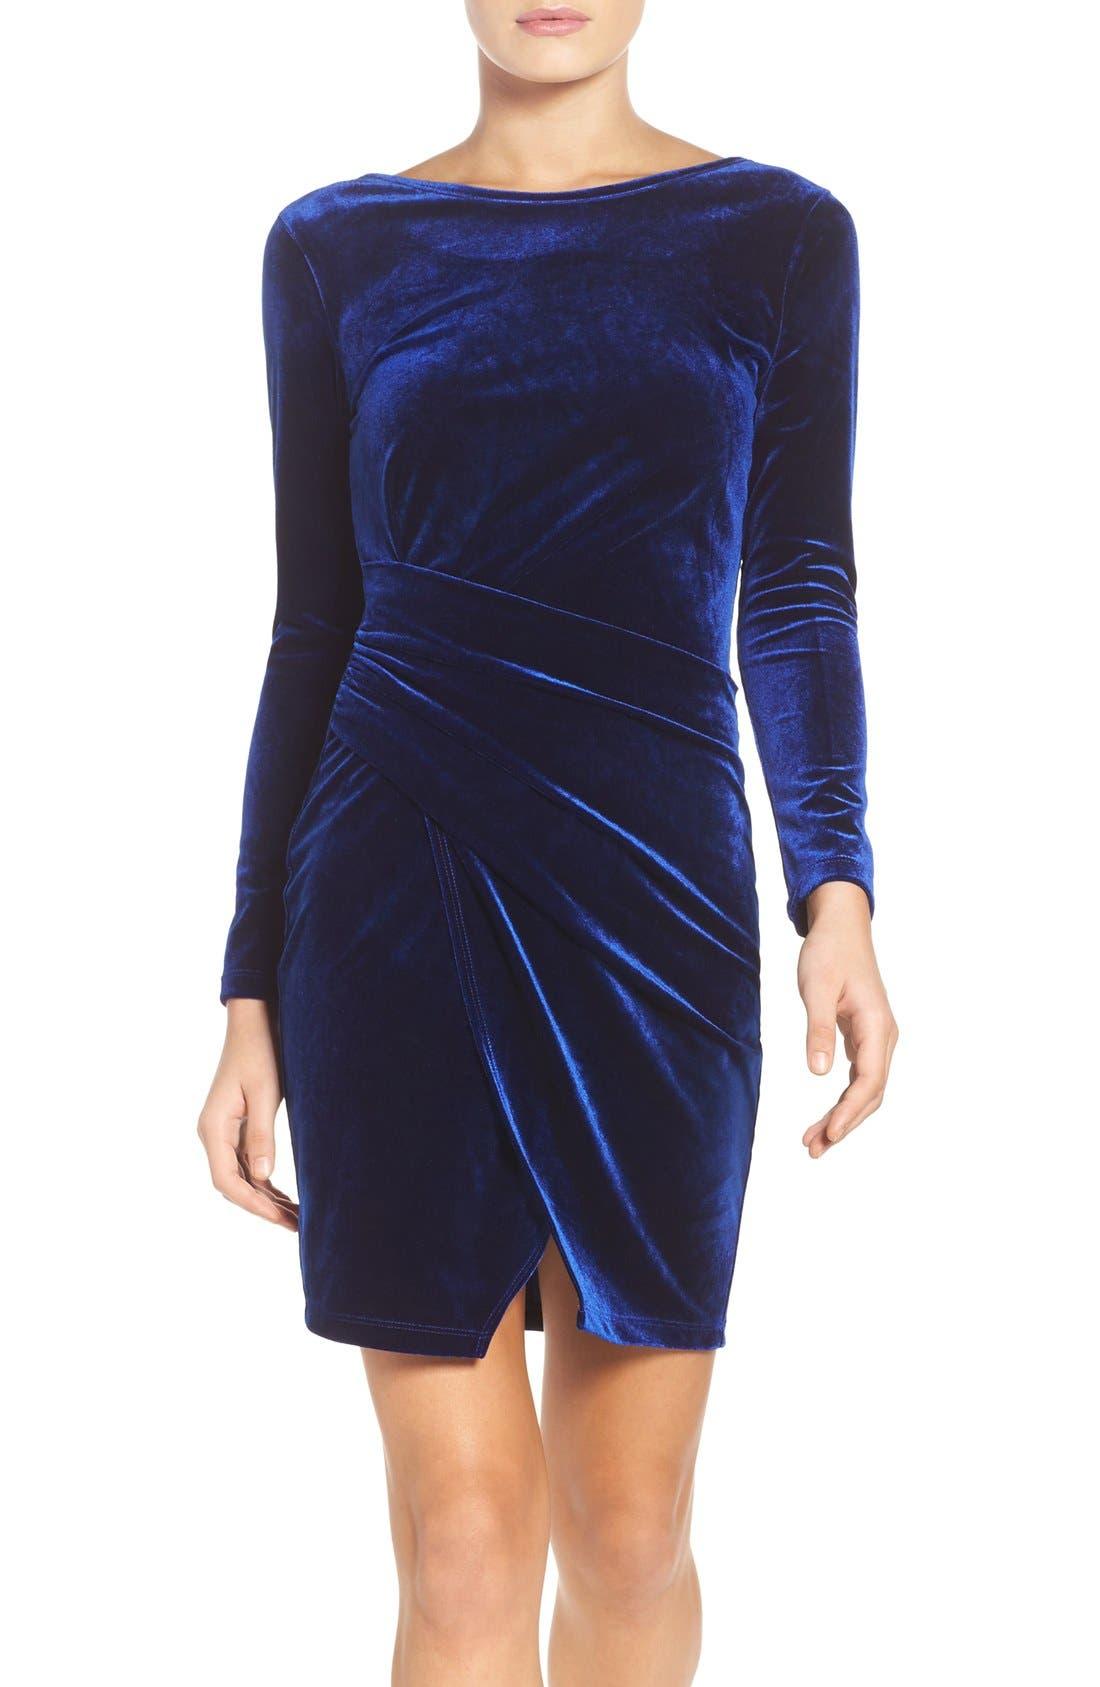 Alternate Image 1 Selected - Fraiche by J Velvet Body-Con Dress